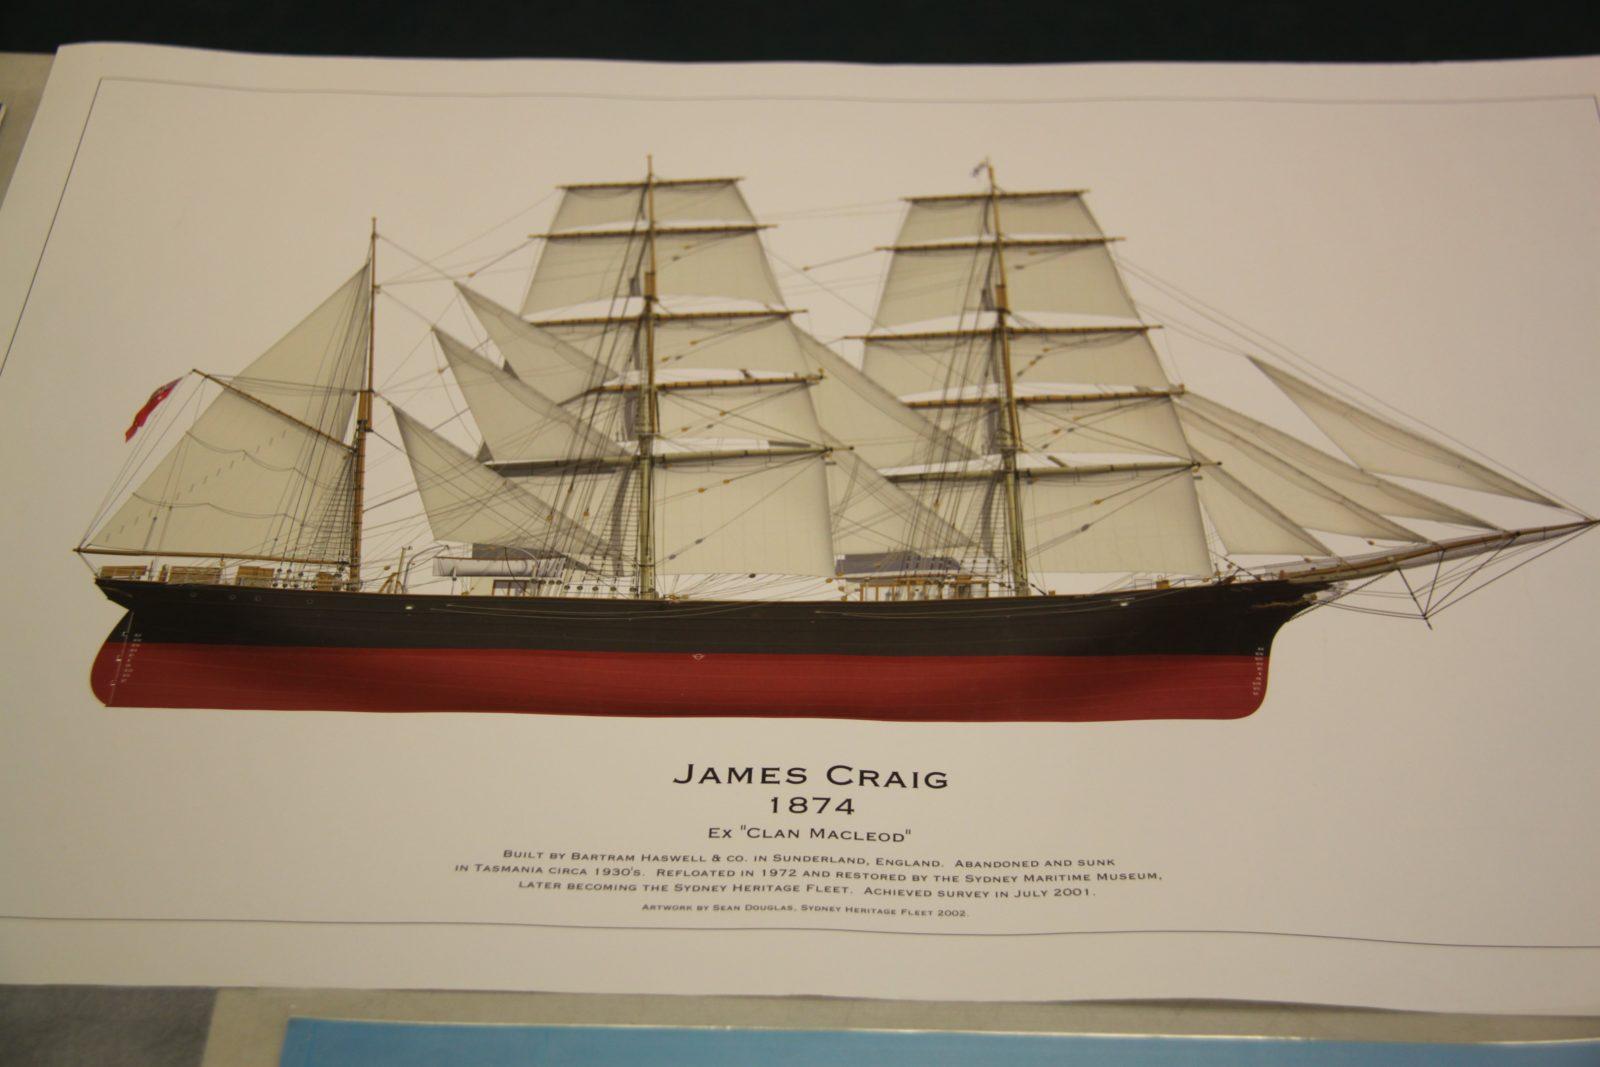 Tall Sailing shipJames Craig